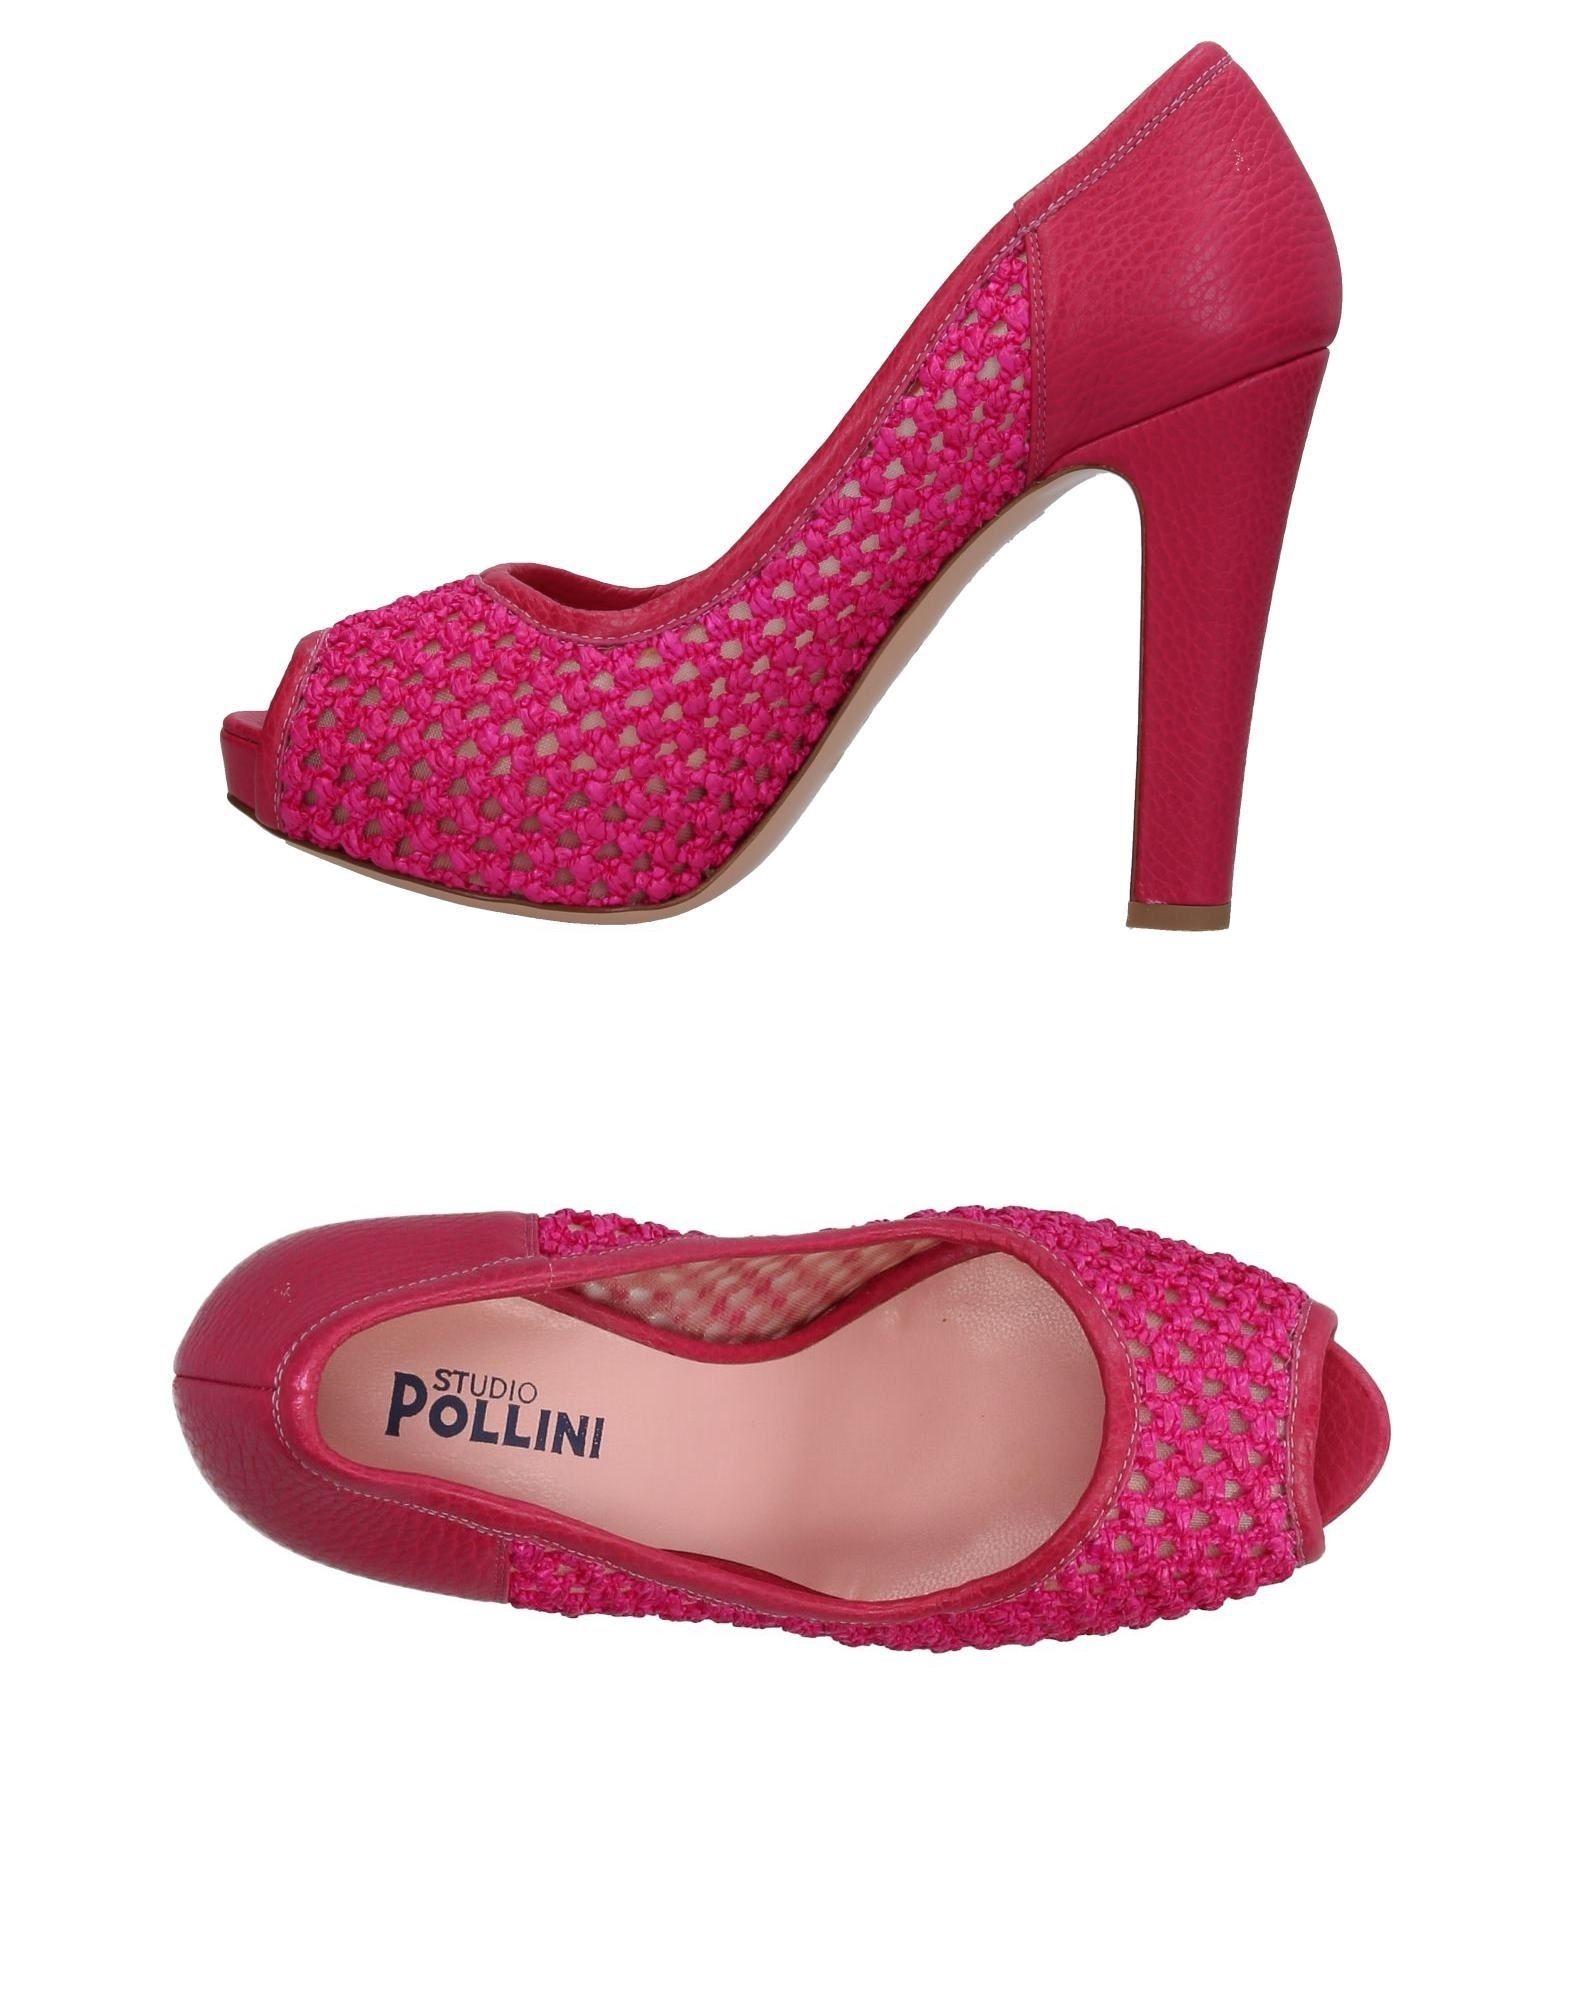 Décolleté Studio Pollini Donna - 11369792LD 11369792LD - 8c2d96